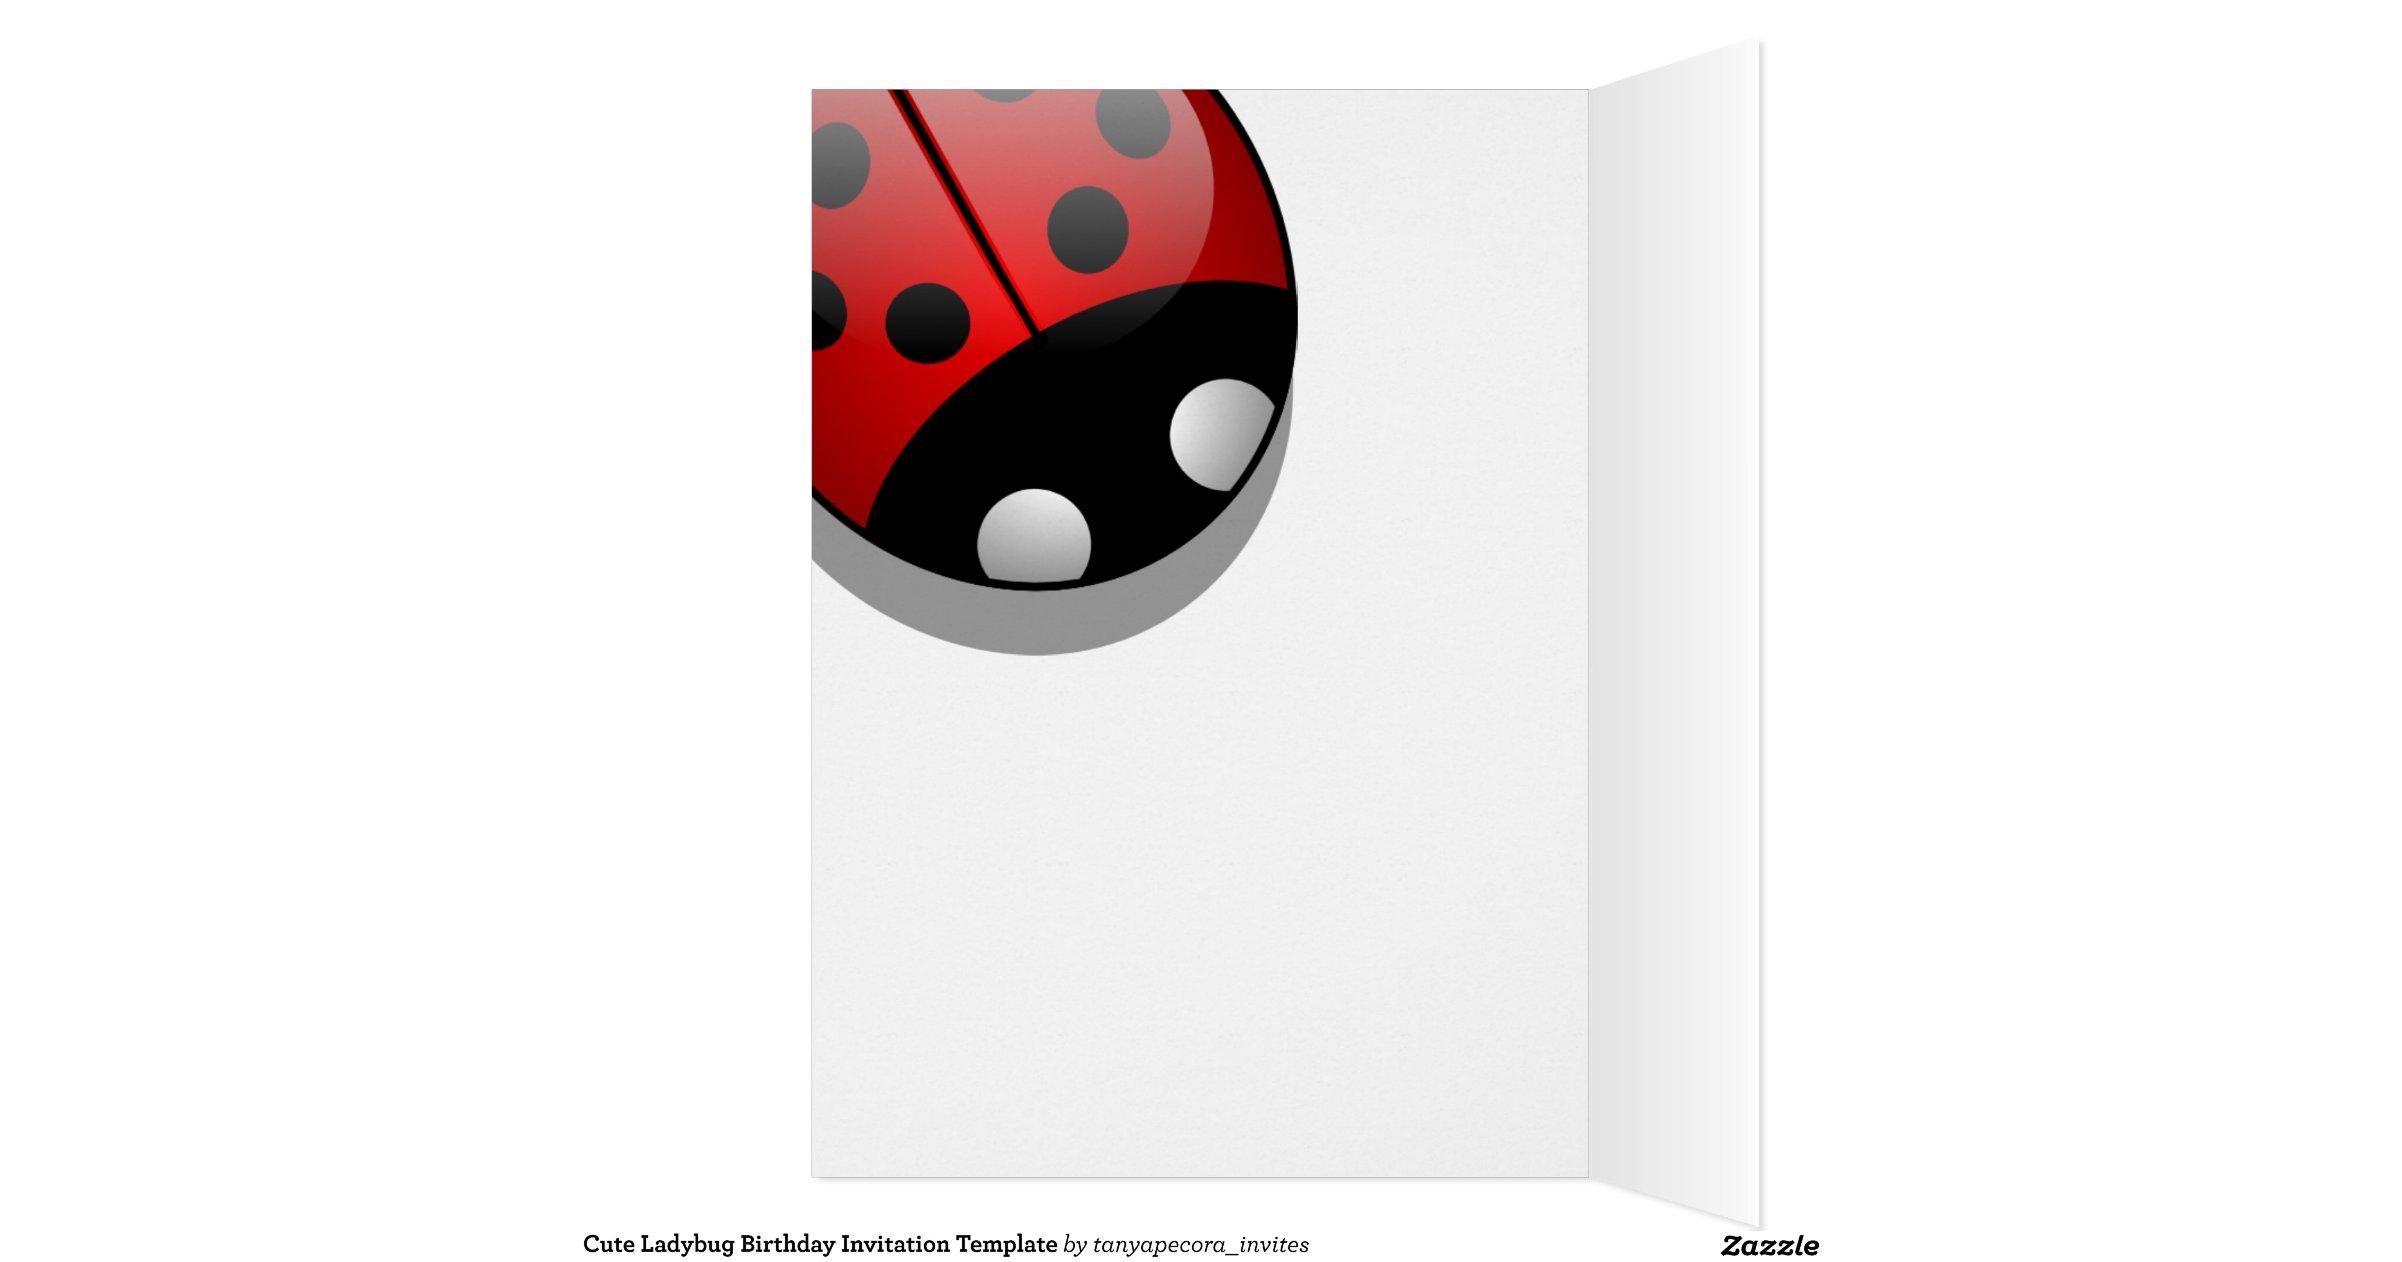 ladybug birthday card template - 28 images - free printable ...